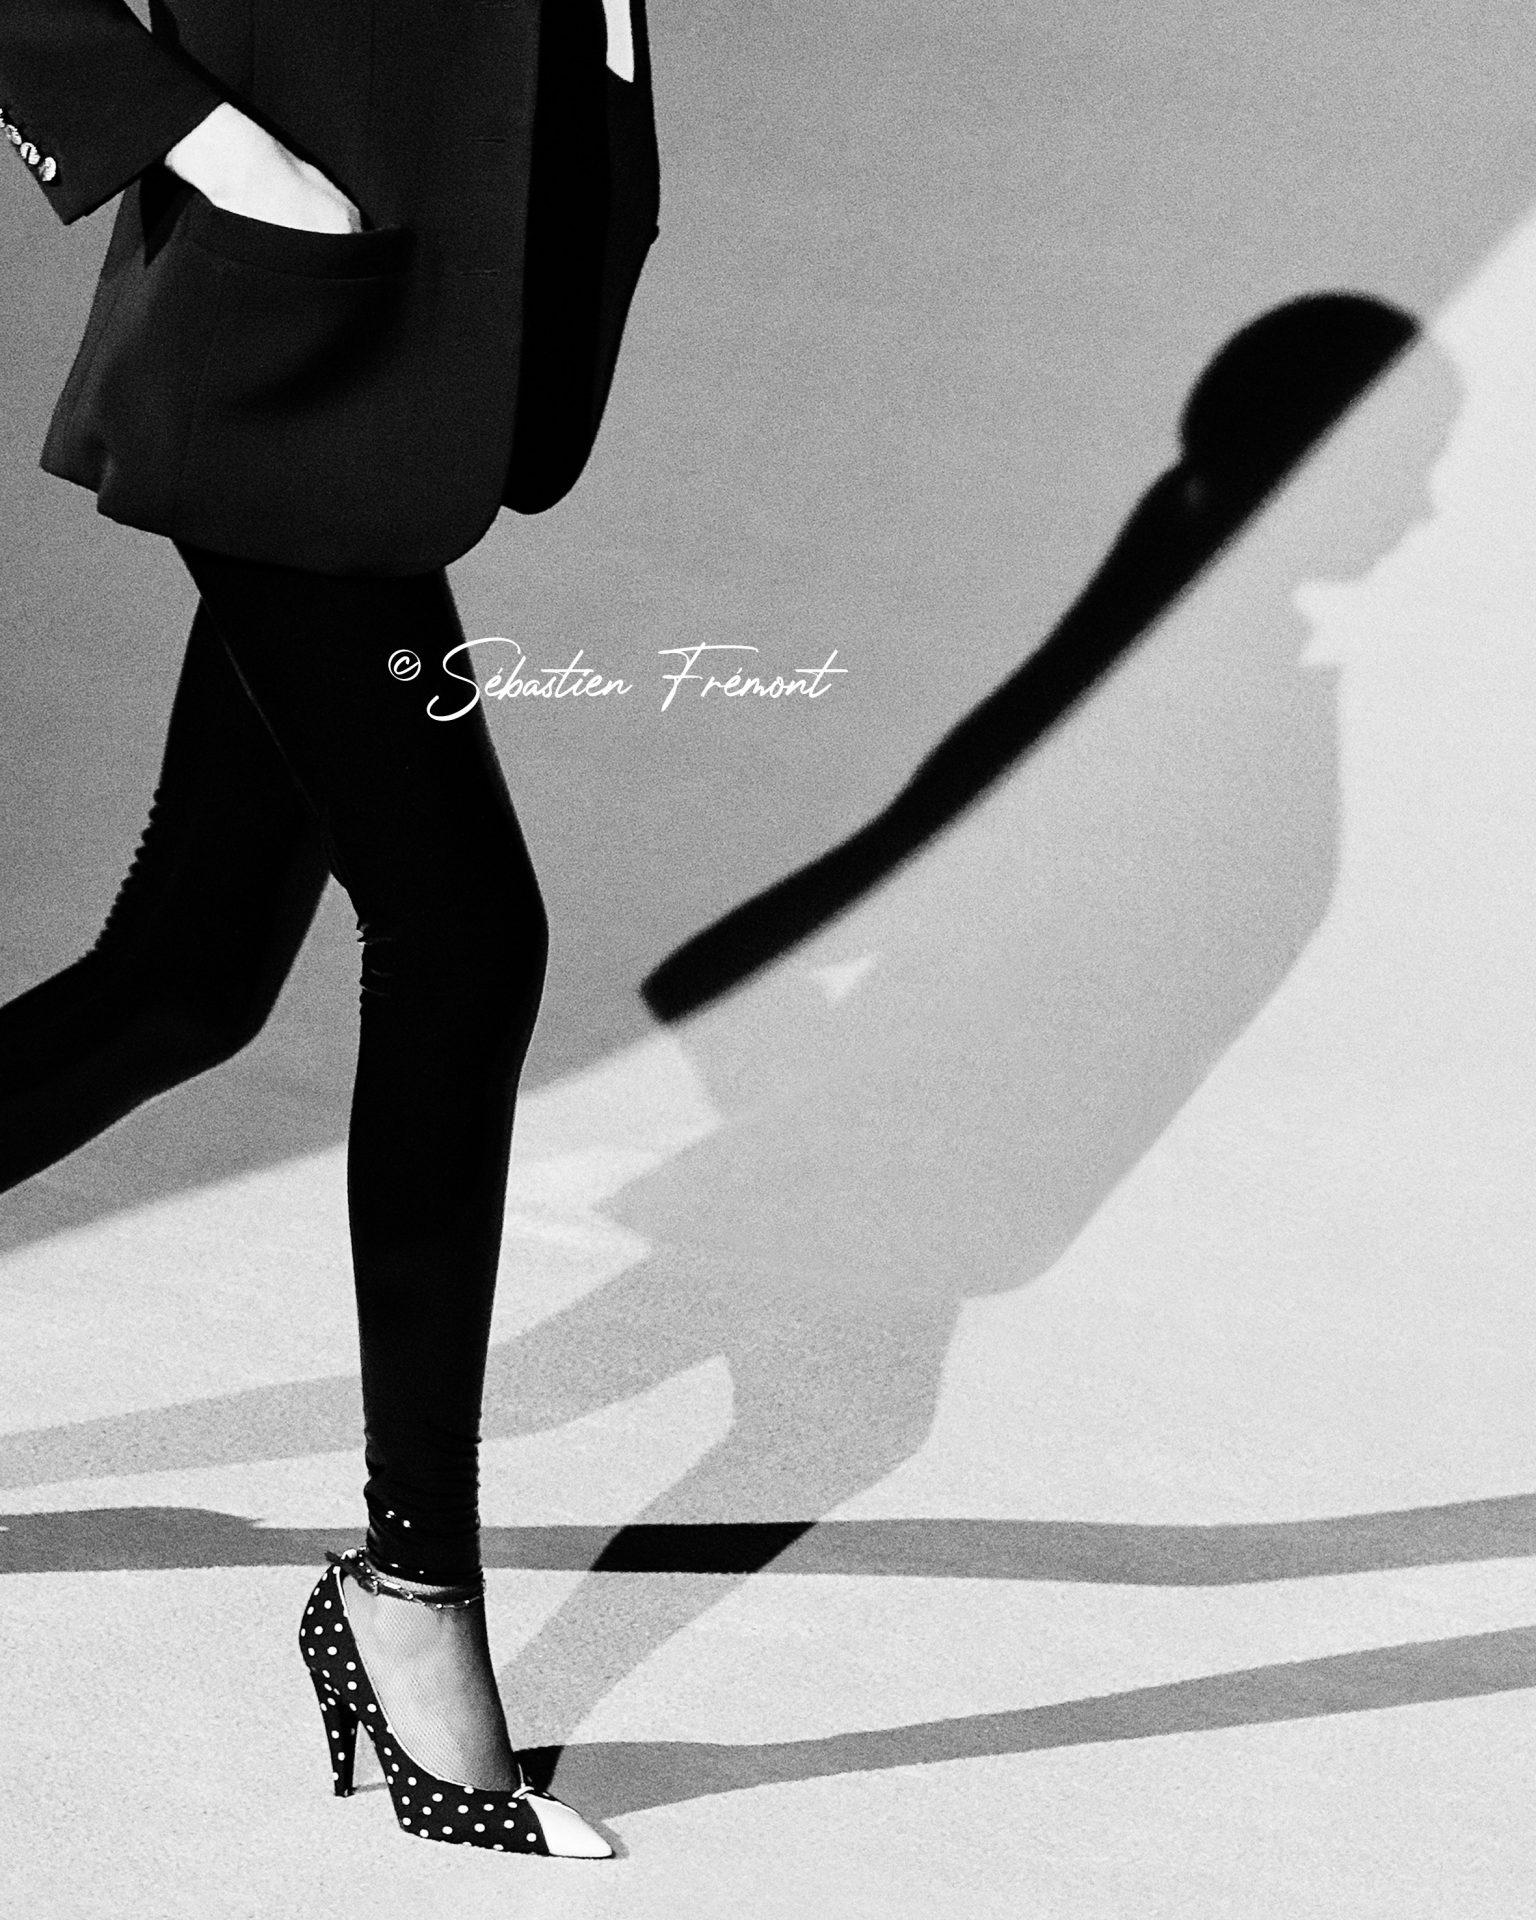 French Photographer Fashion Photography Saint Laurent / Mathilde Henning